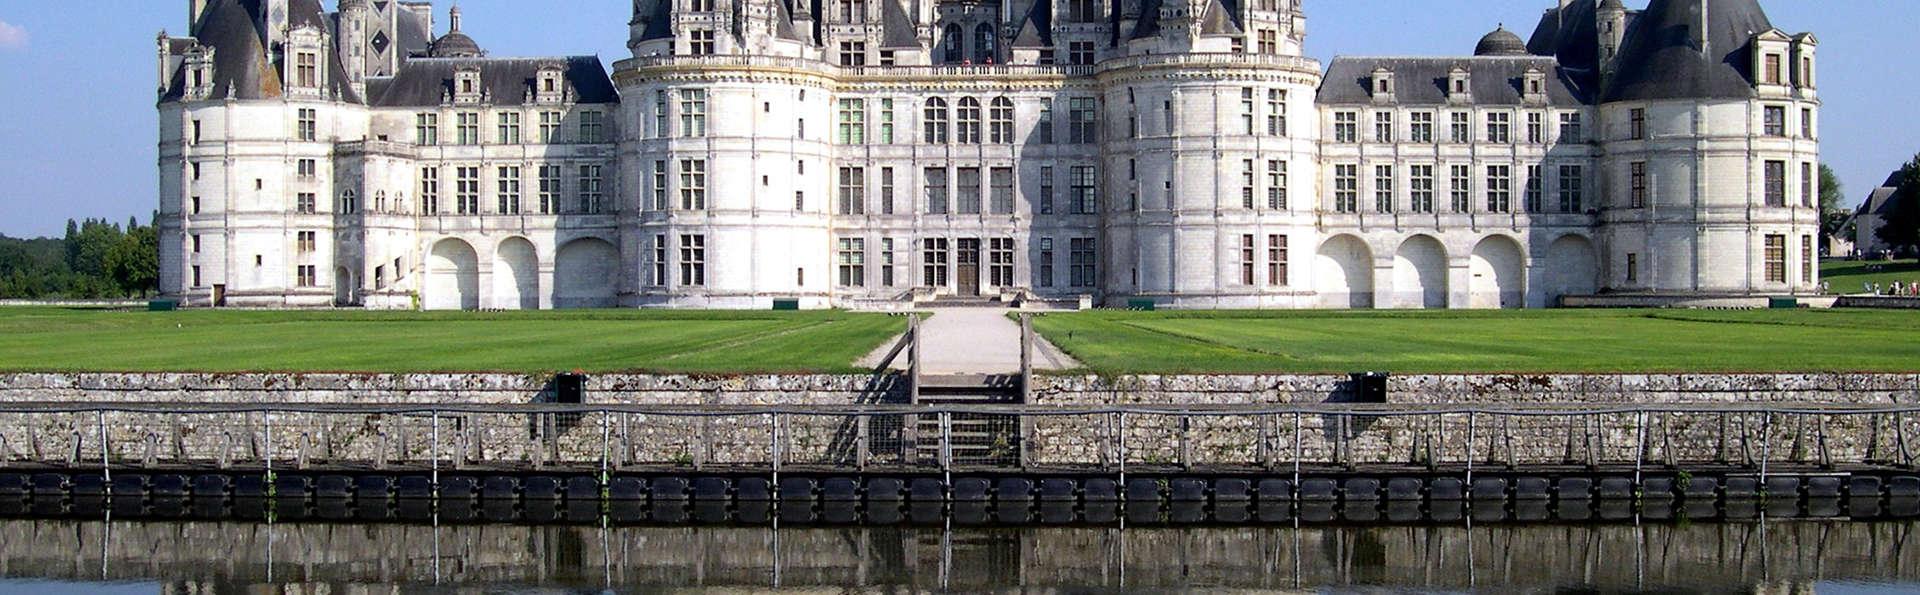 Week-end près de Blois avec entrées au Château de Chambord